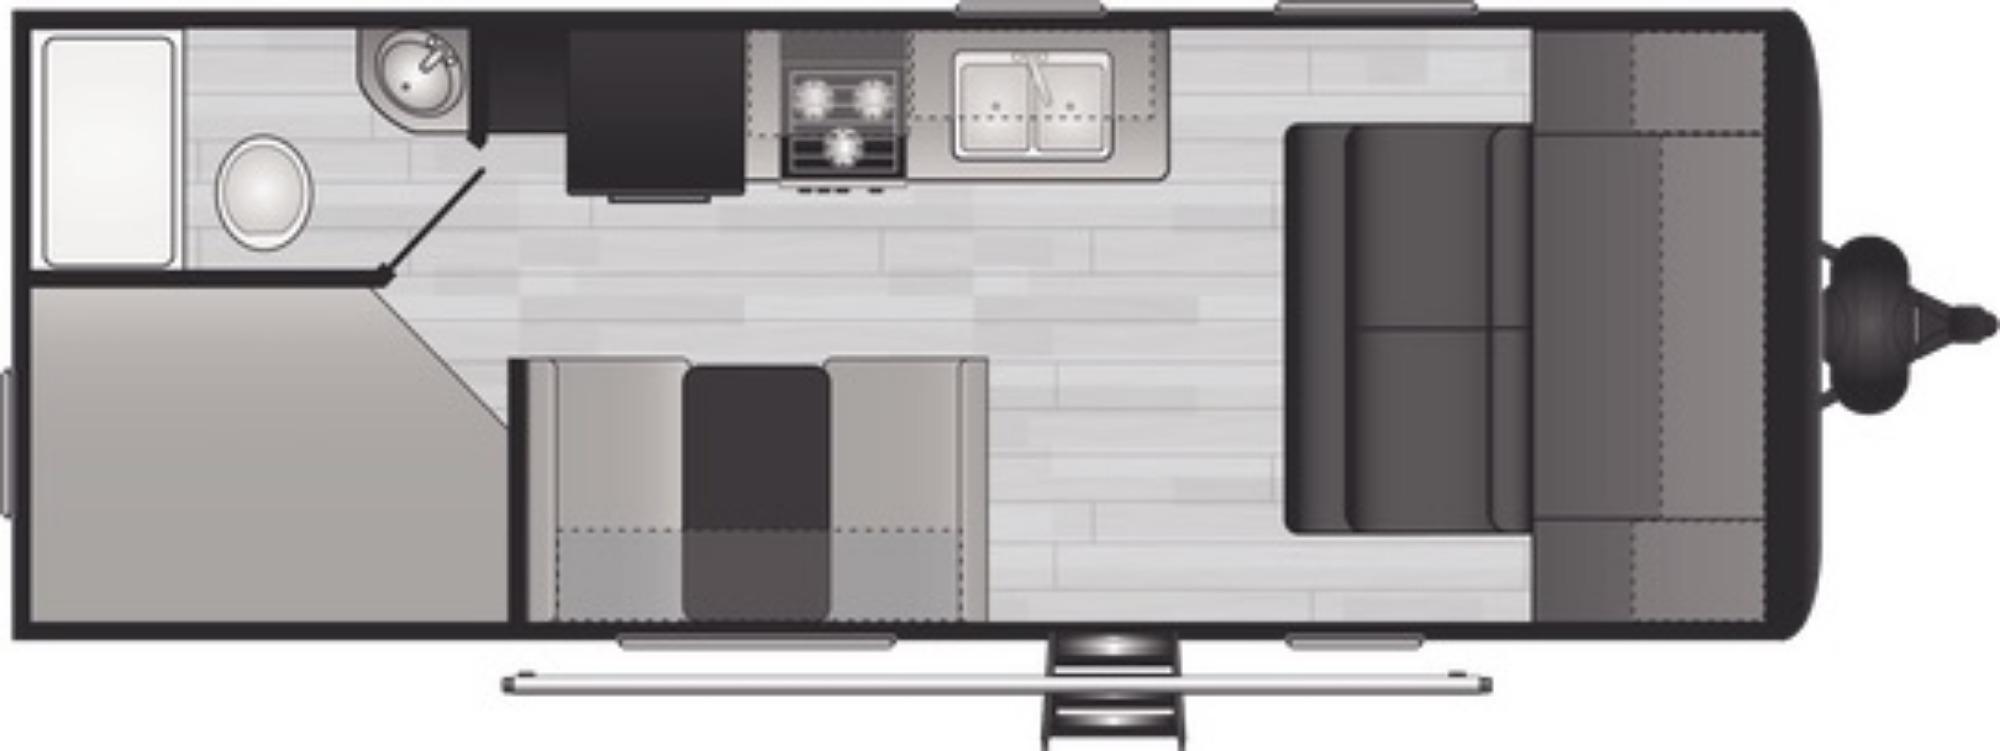 View Floor Plan for 2021 KEYSTONE HIDEOUT 21BHWE